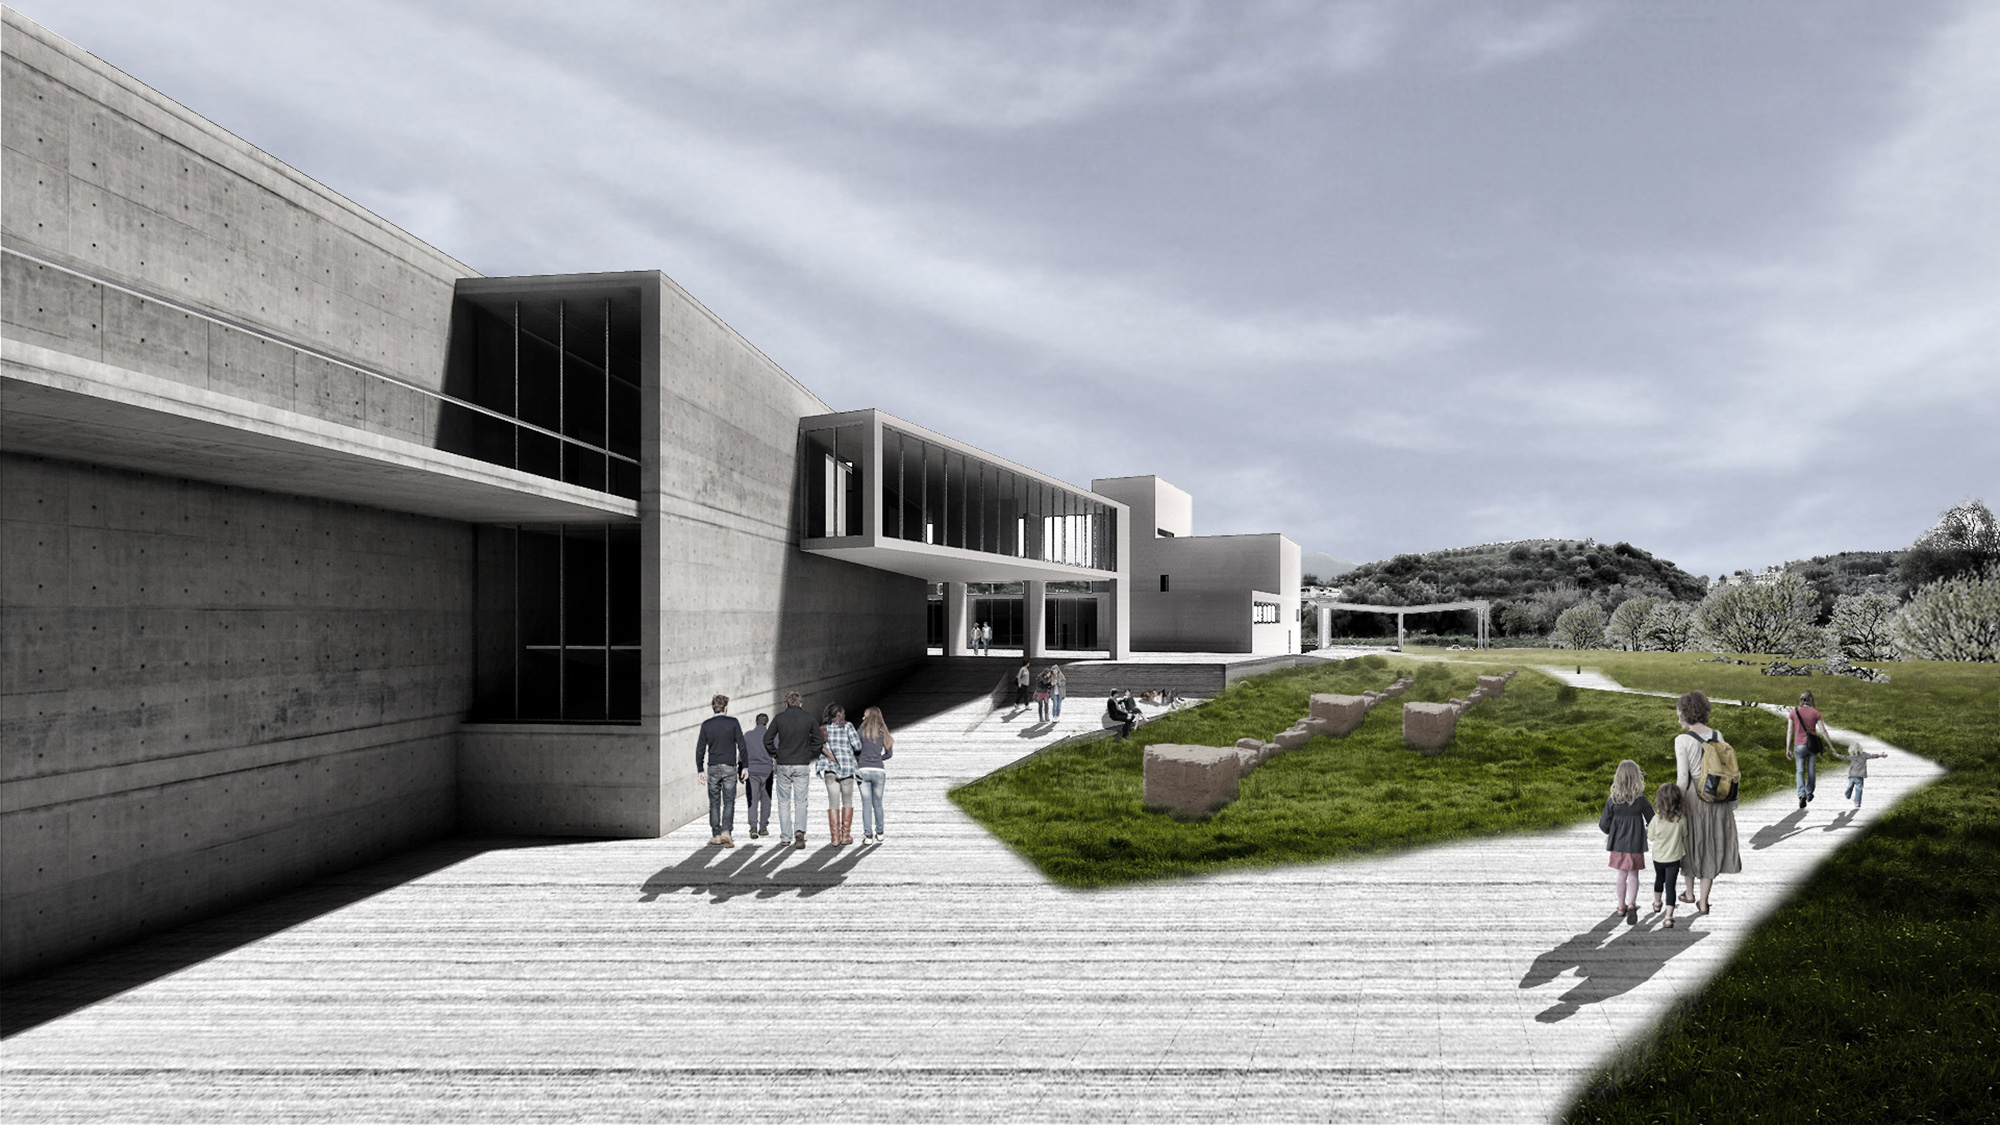 Νέο Αρχαιολογικό Μουσείο Σπάρτης. Τρίτο βραβείο